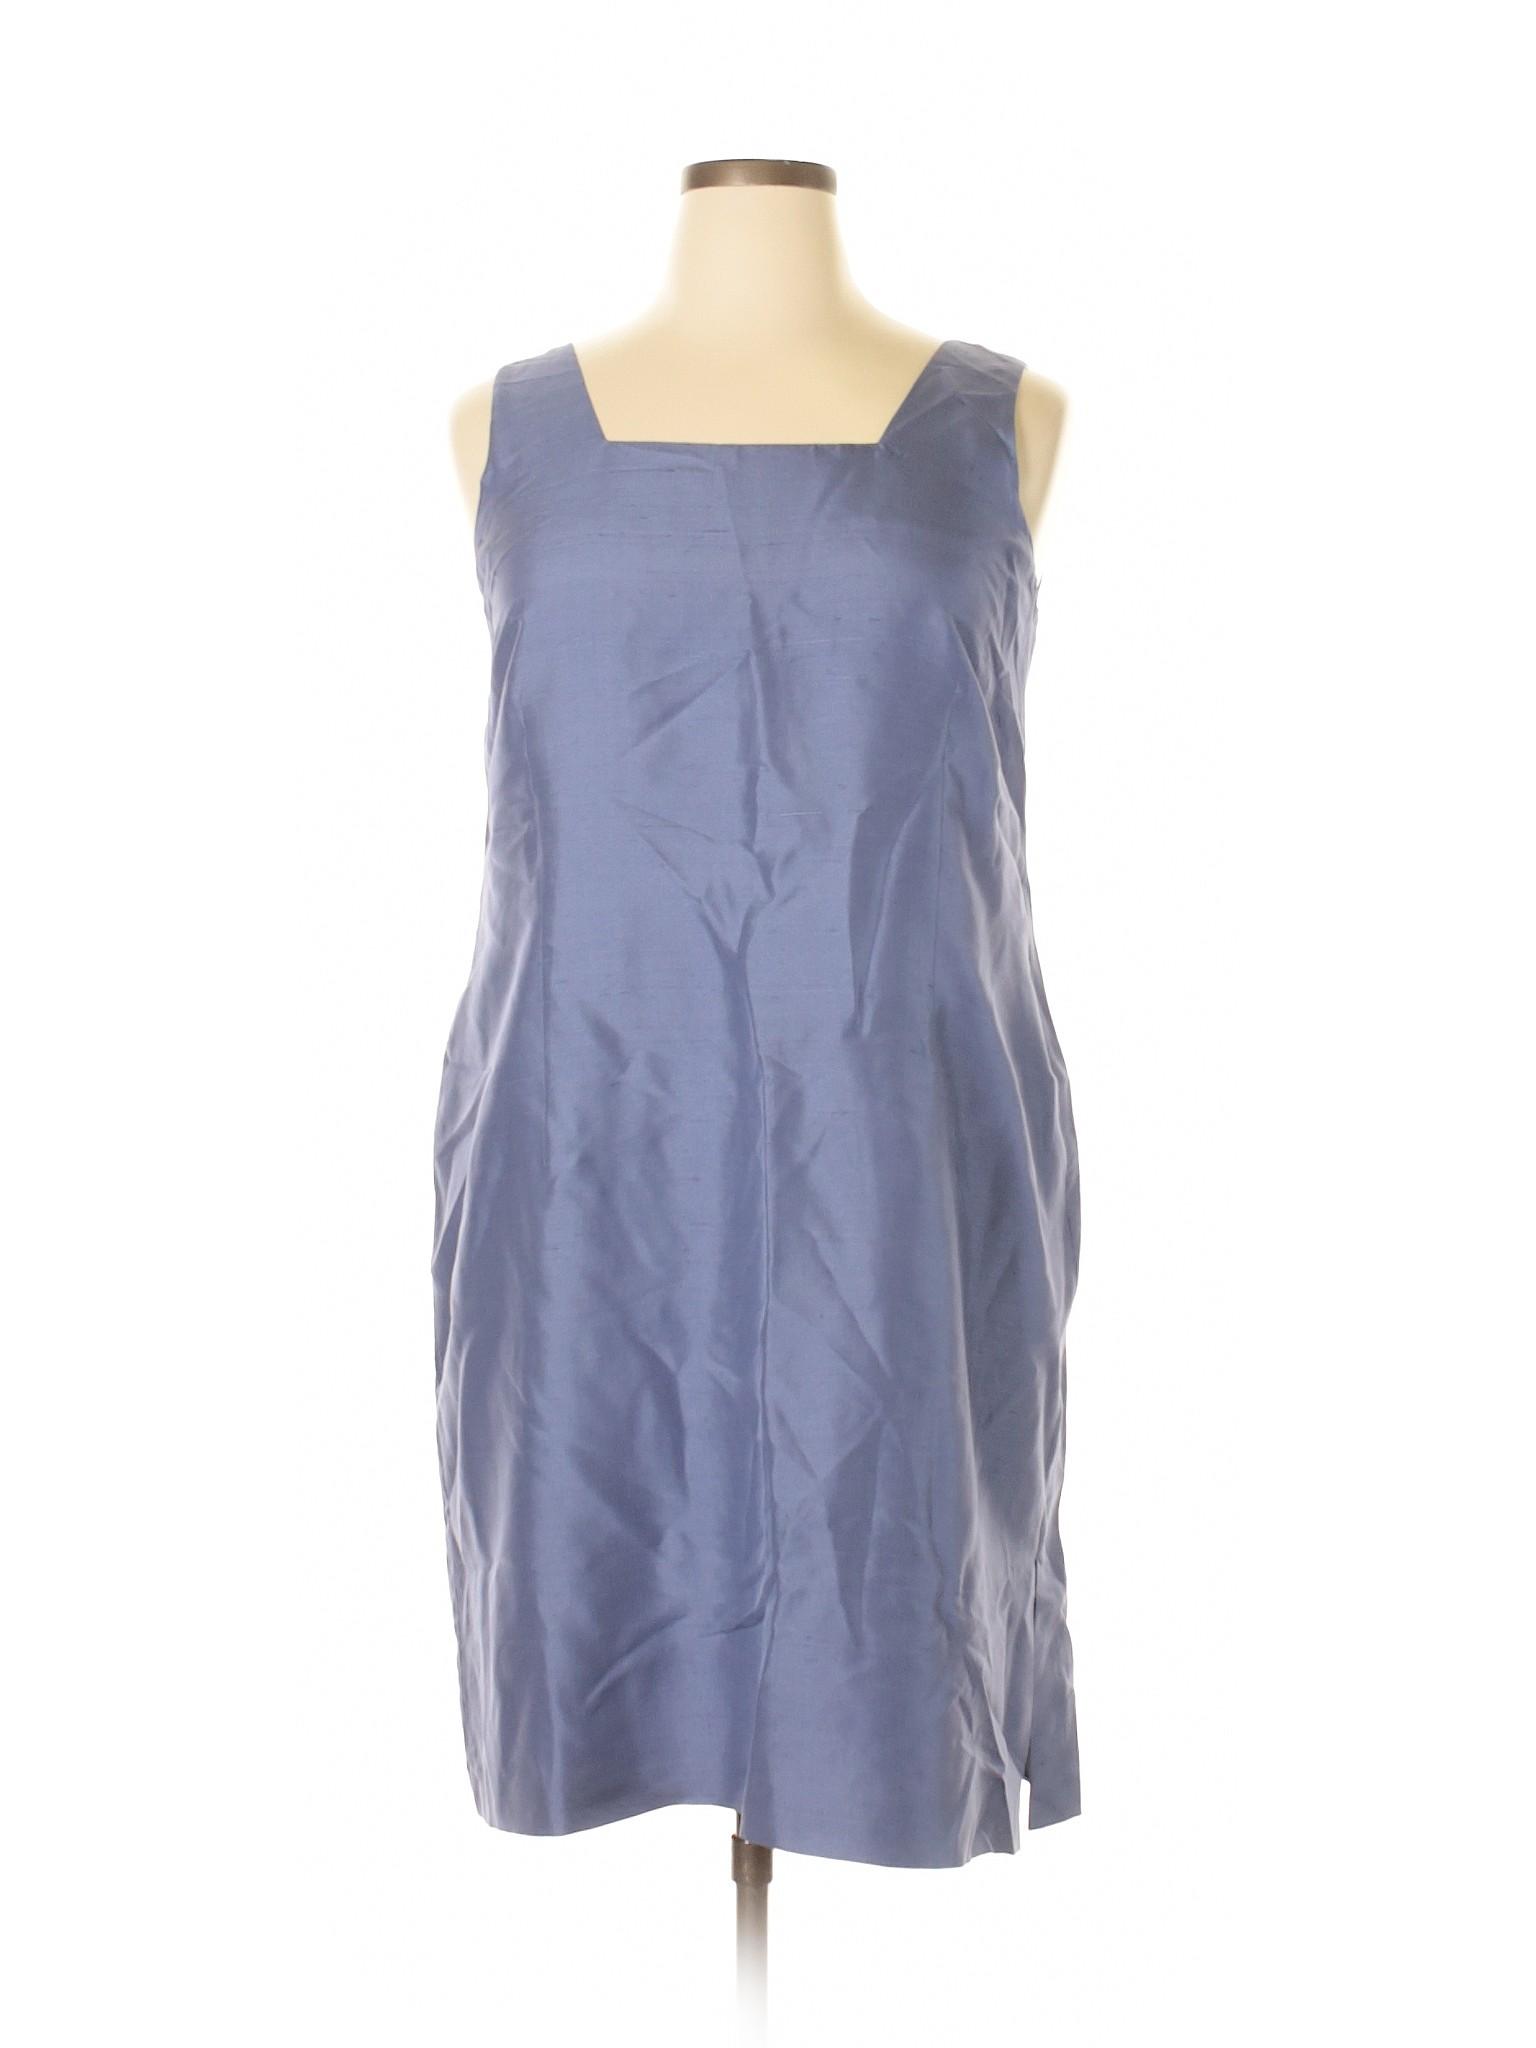 Dress Casual Boutique winter Olsen Sigrid qwO8pOI